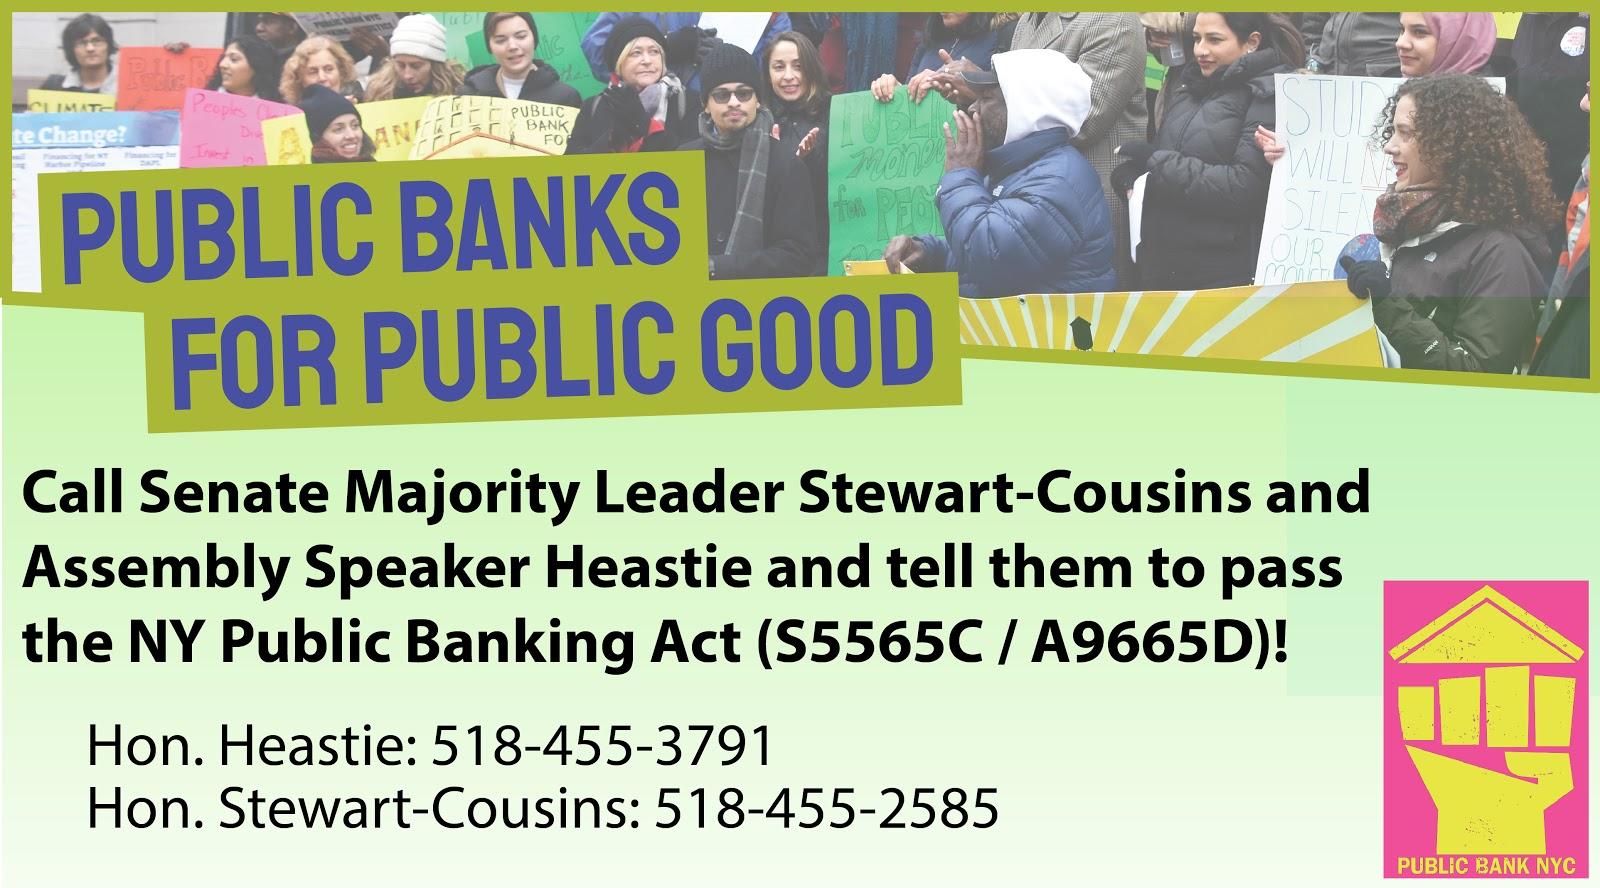 Public Banks for Public Good